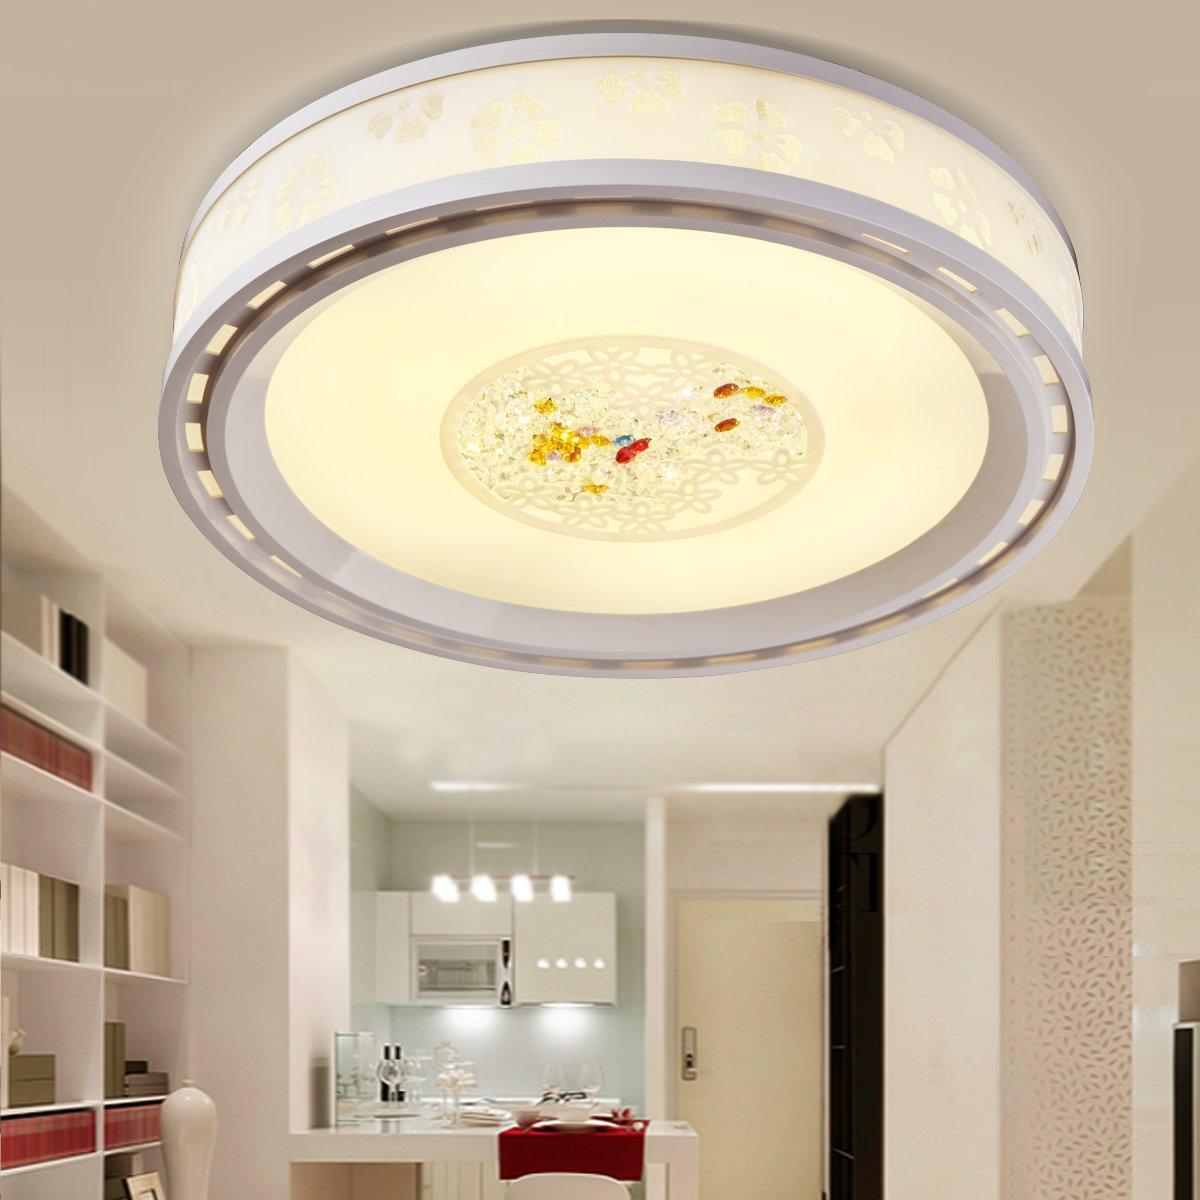 BLYC- Einstellbare Licht/LED Decke Lampe Schlafzimmer Esszimmer Crystal romantische moderne minimalistische kreisförmige Leuchtlampen 500 * 500mm